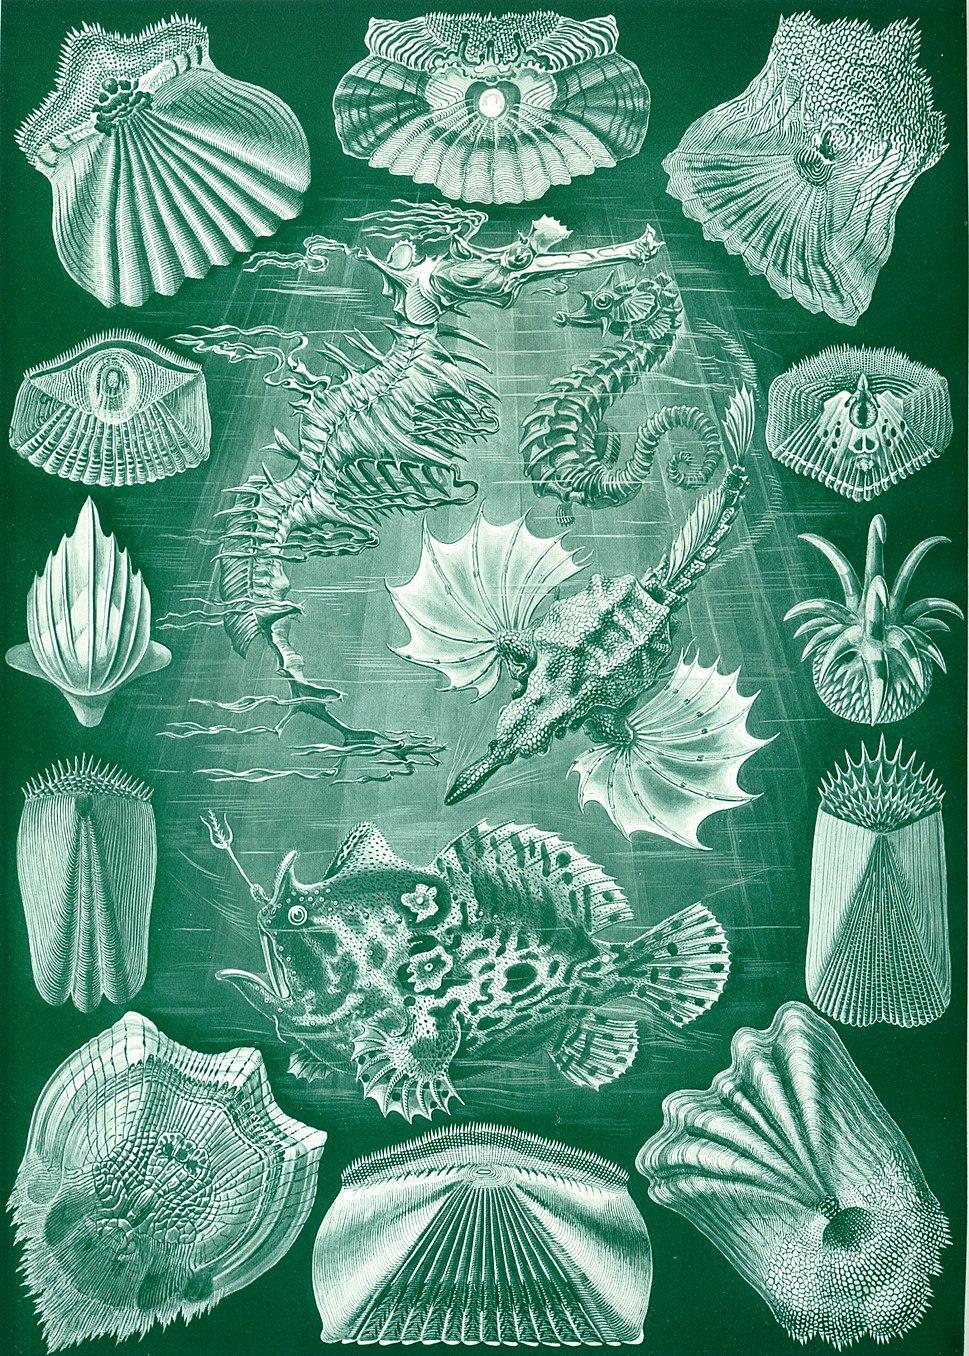 Haeckel Teleostei